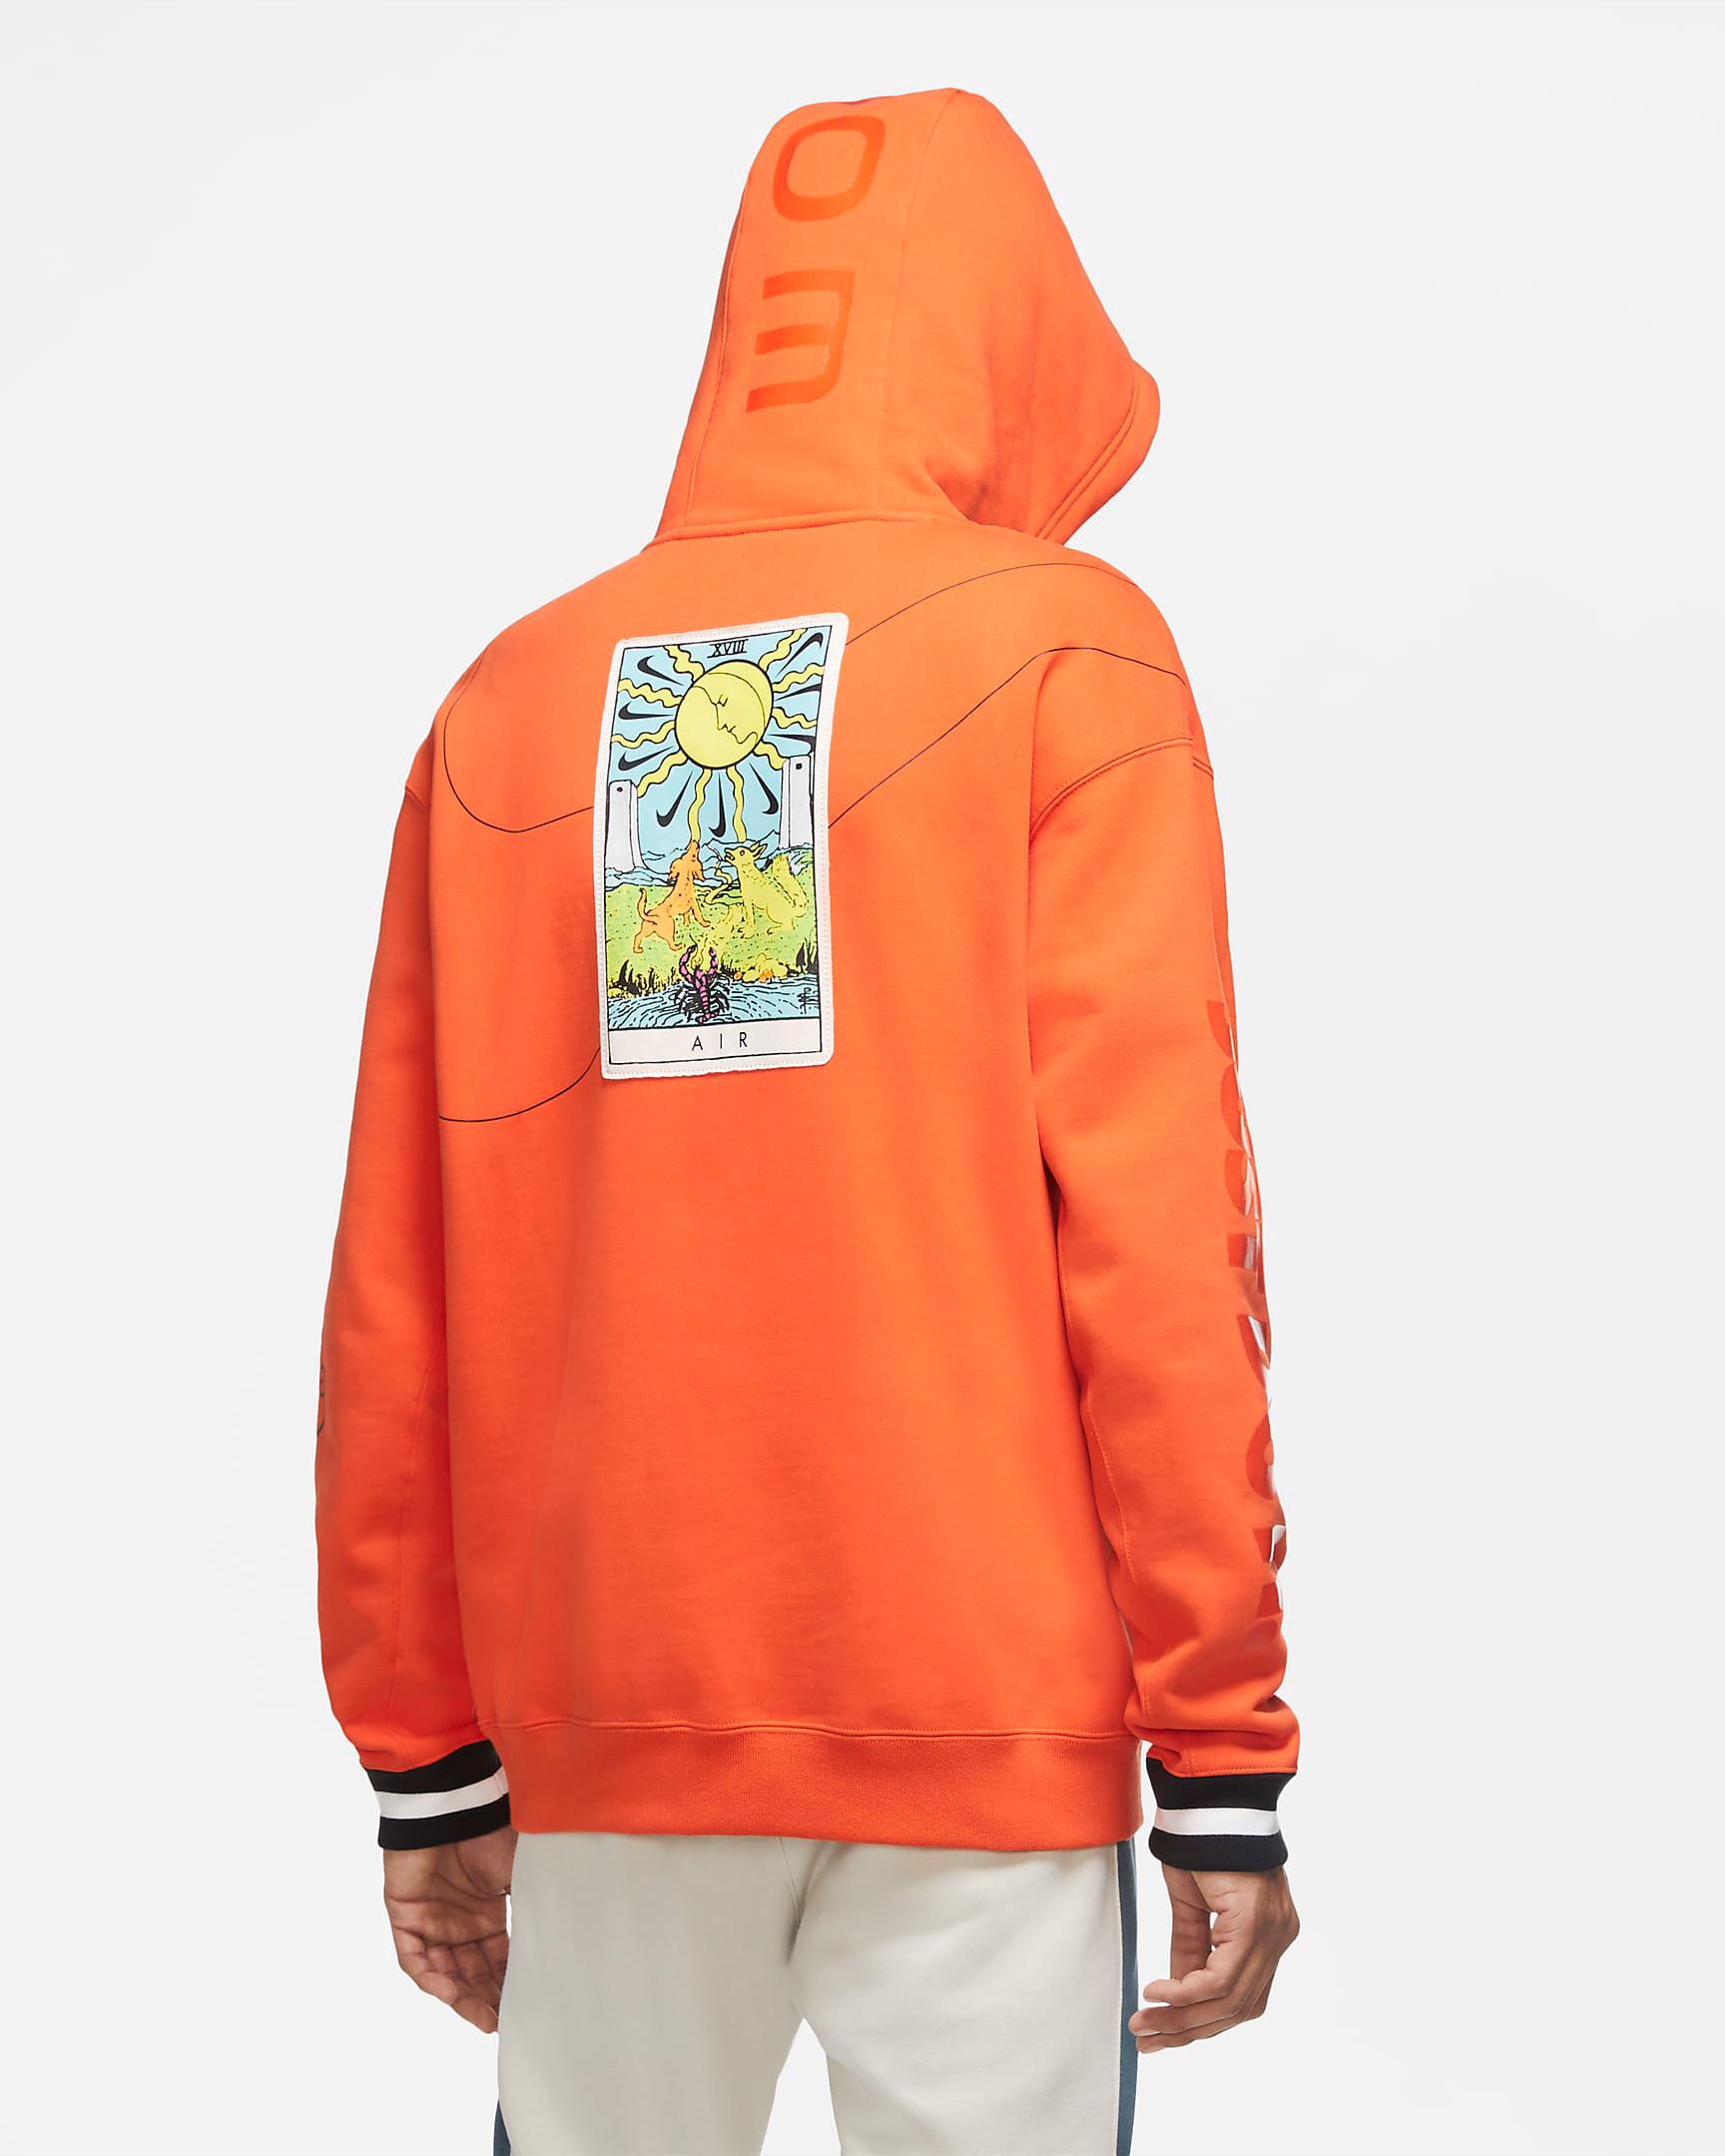 nike-air-force-1-orange-skeleton-hoodie-match-2